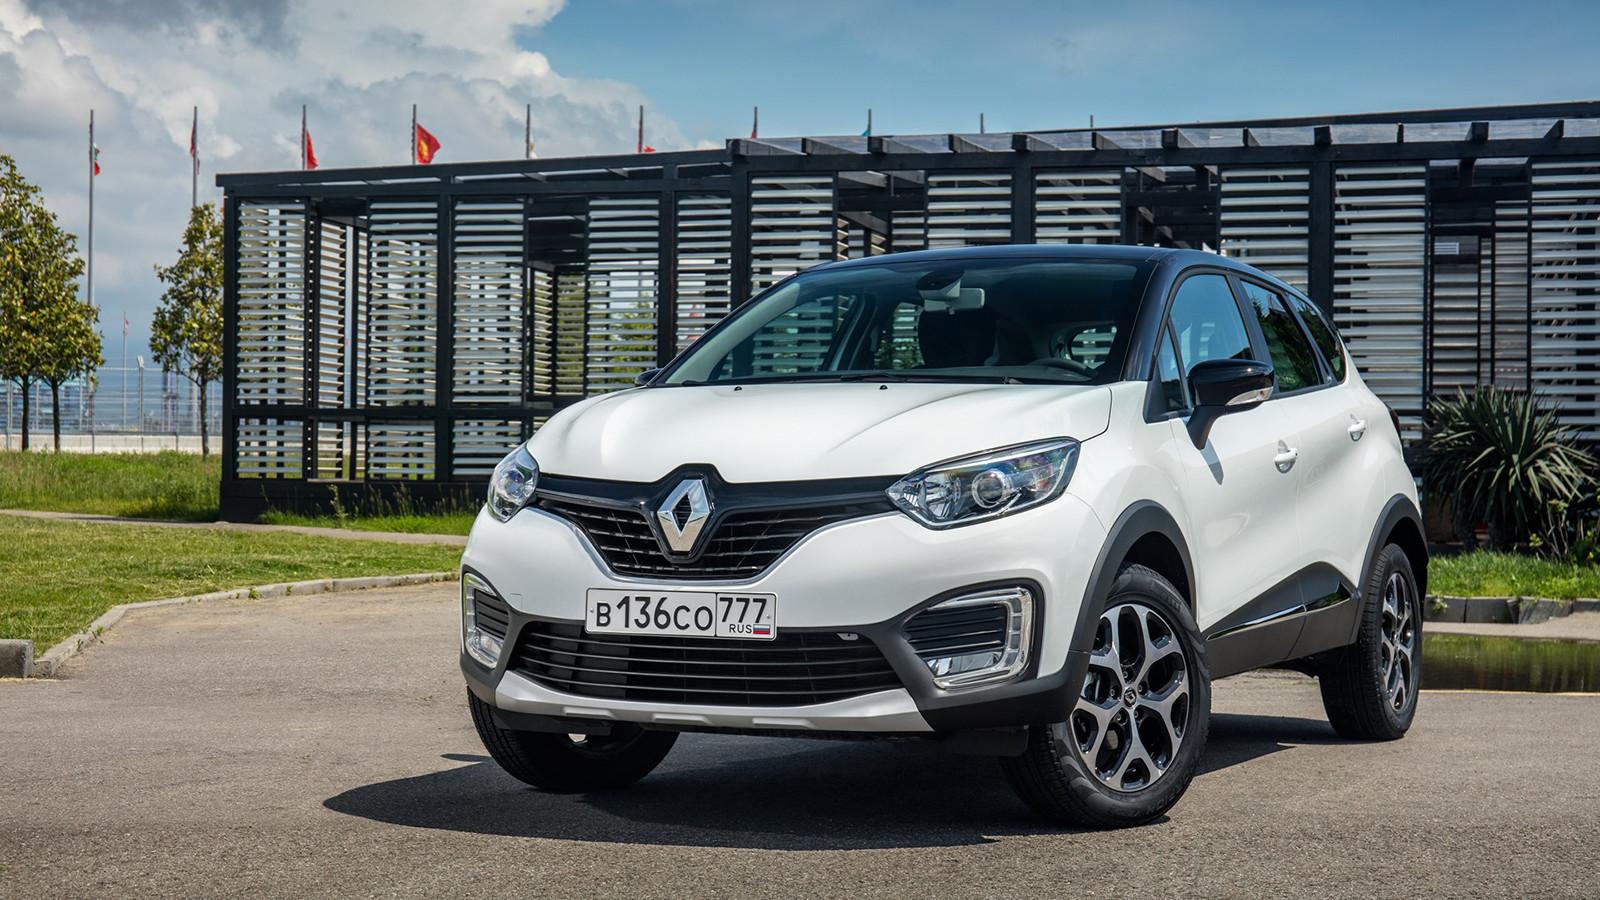 Составлен Топ-25 самых реализуемых авто в Российской Федерации по июльским результатам